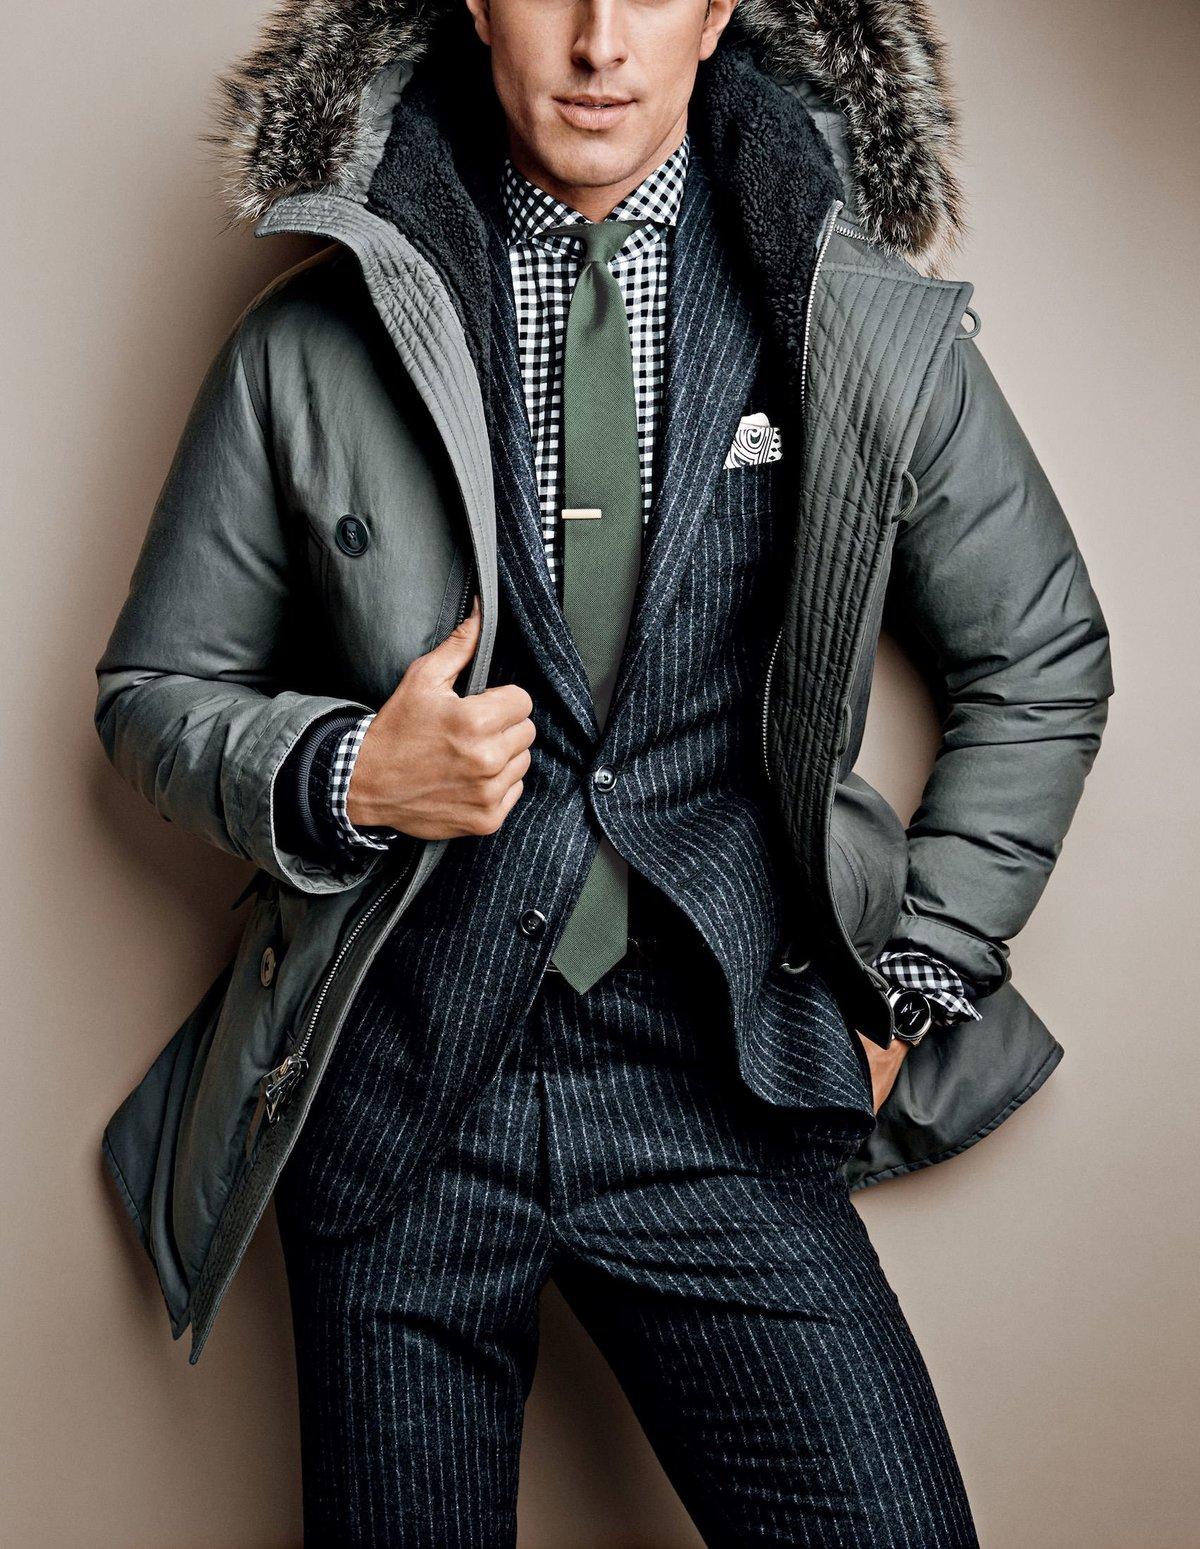 мужчина в зимней одежде картинки певица уже взяла